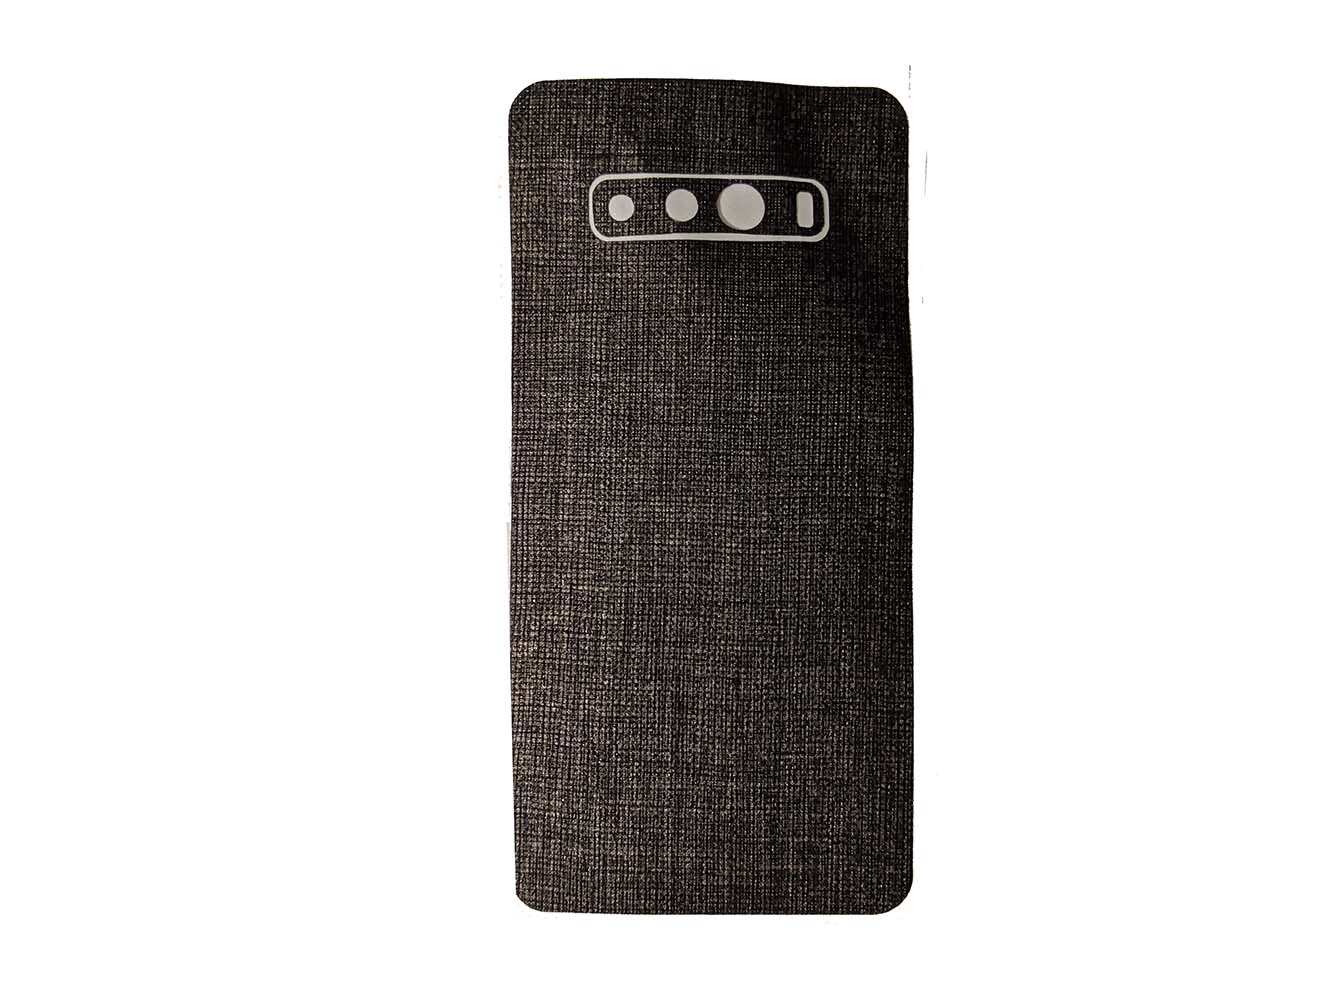 Miếng dán điện thoại Samsung Galaxy S10 Plus